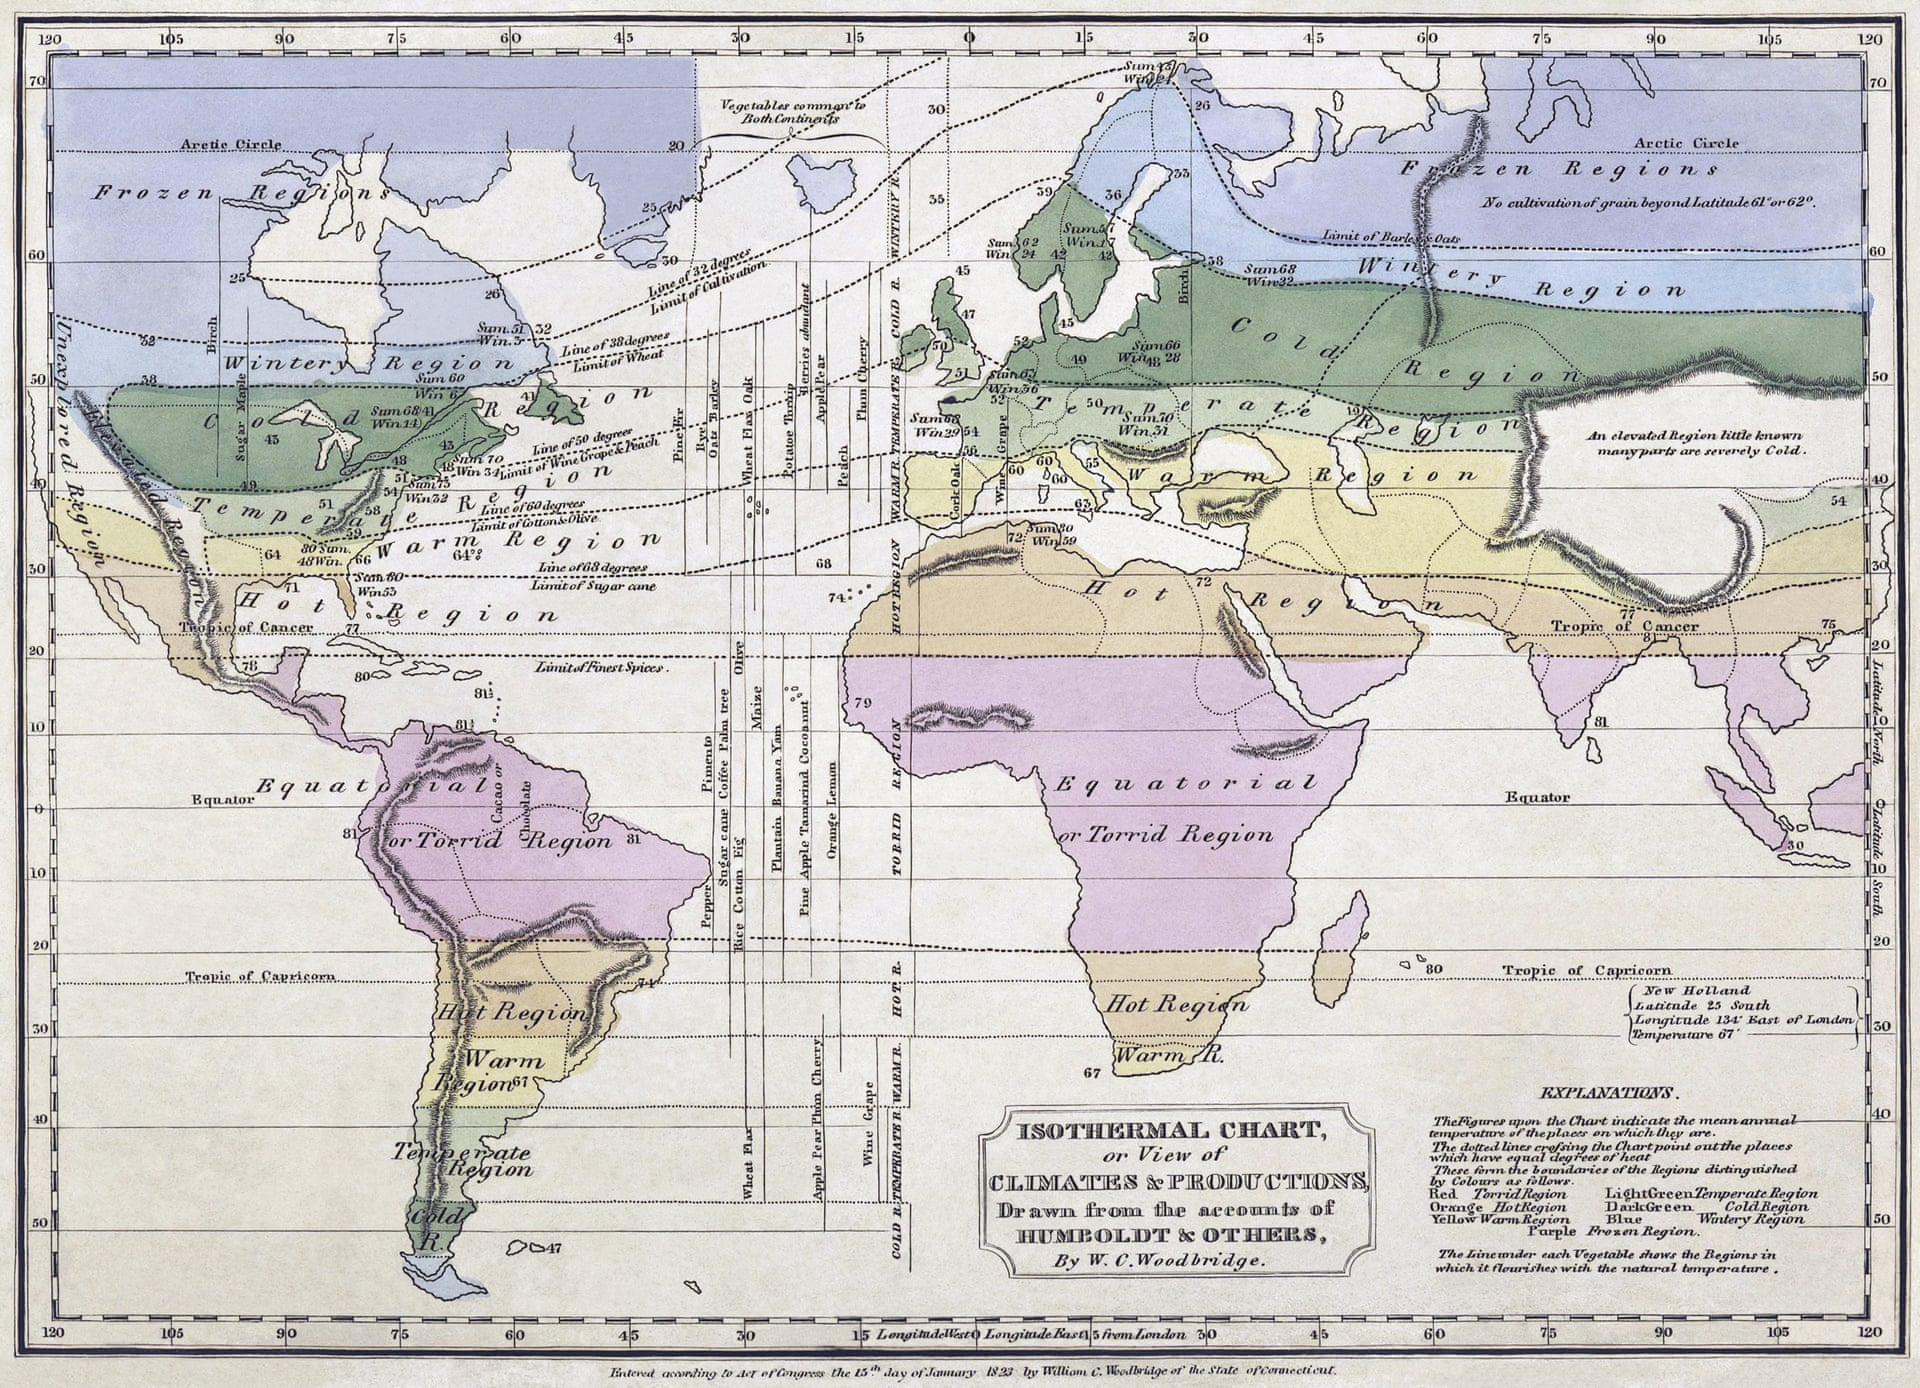 Bản đồ đẳng nhiệt toàn cầu sử dụng dữ liệu thu thập được bởi Humboldt, dựng bởi William C Woodbridge, năm 1823. Nguồn: Alexander von Humboldt/W.C. Woodbridge